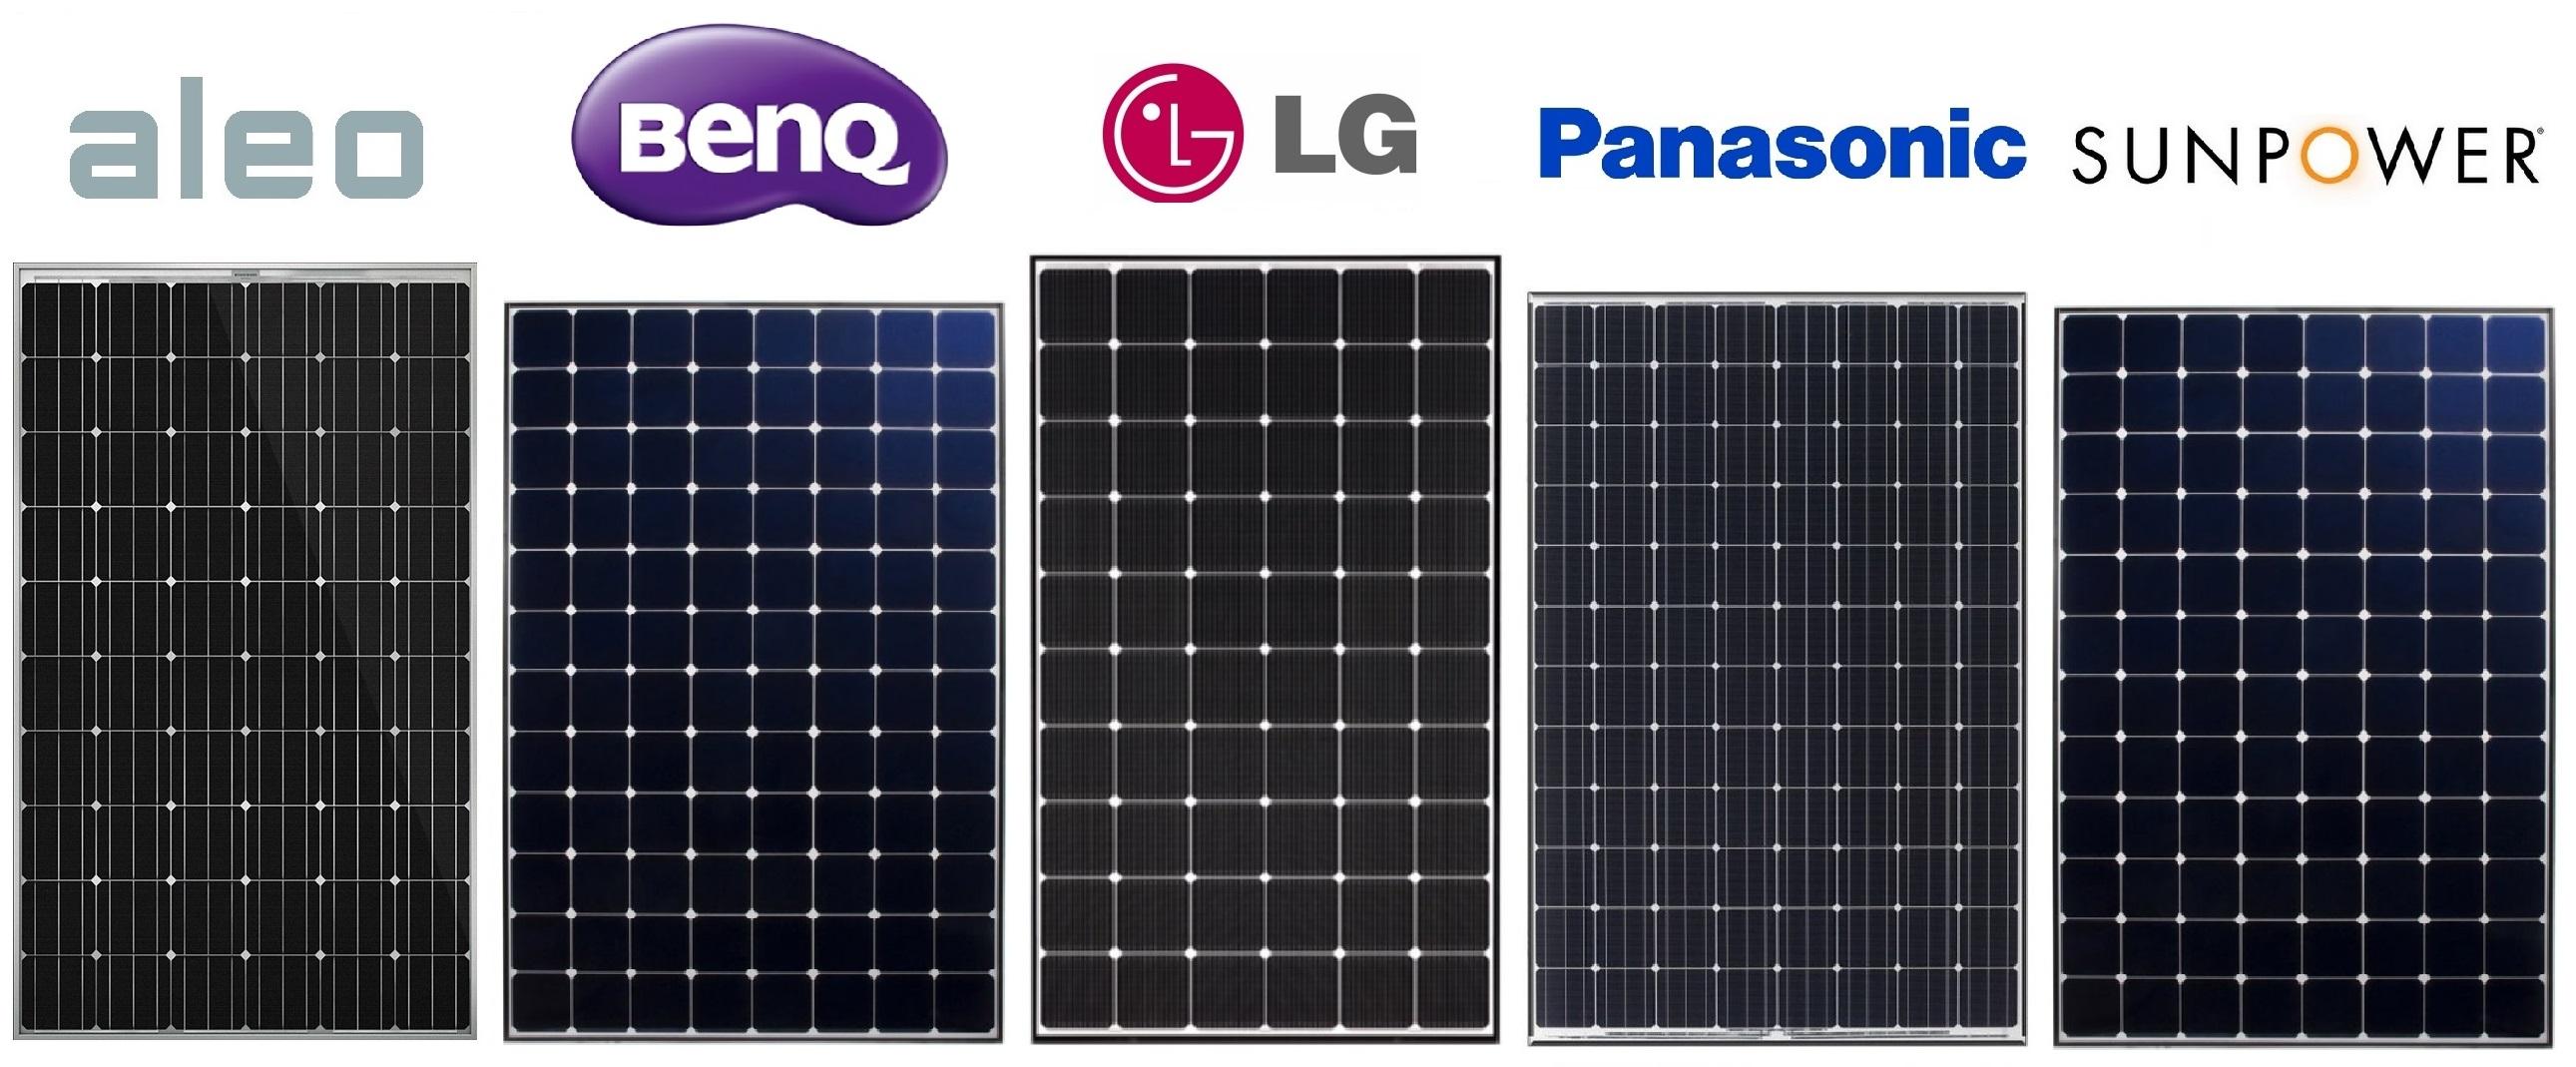 5 Moduli Fotovoltaici ad alta efficienza a confronto Solsolis - La tua 80